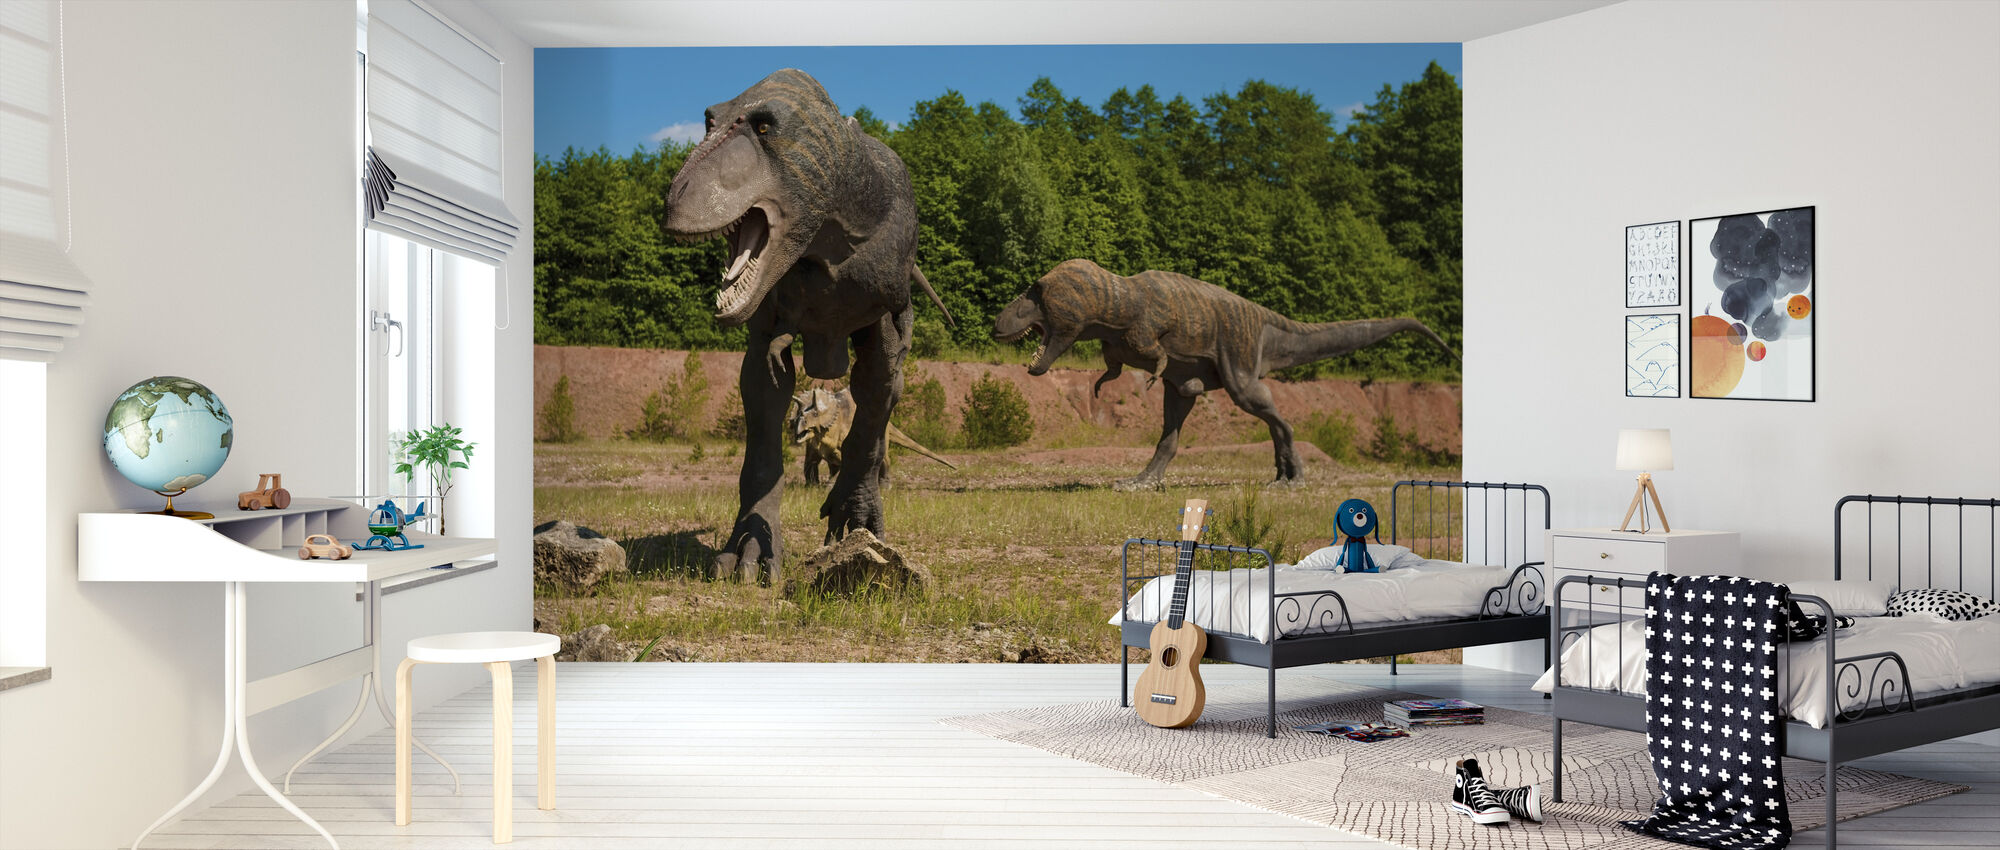 Monstrous Dinosaur - Wallpaper - Kids Room